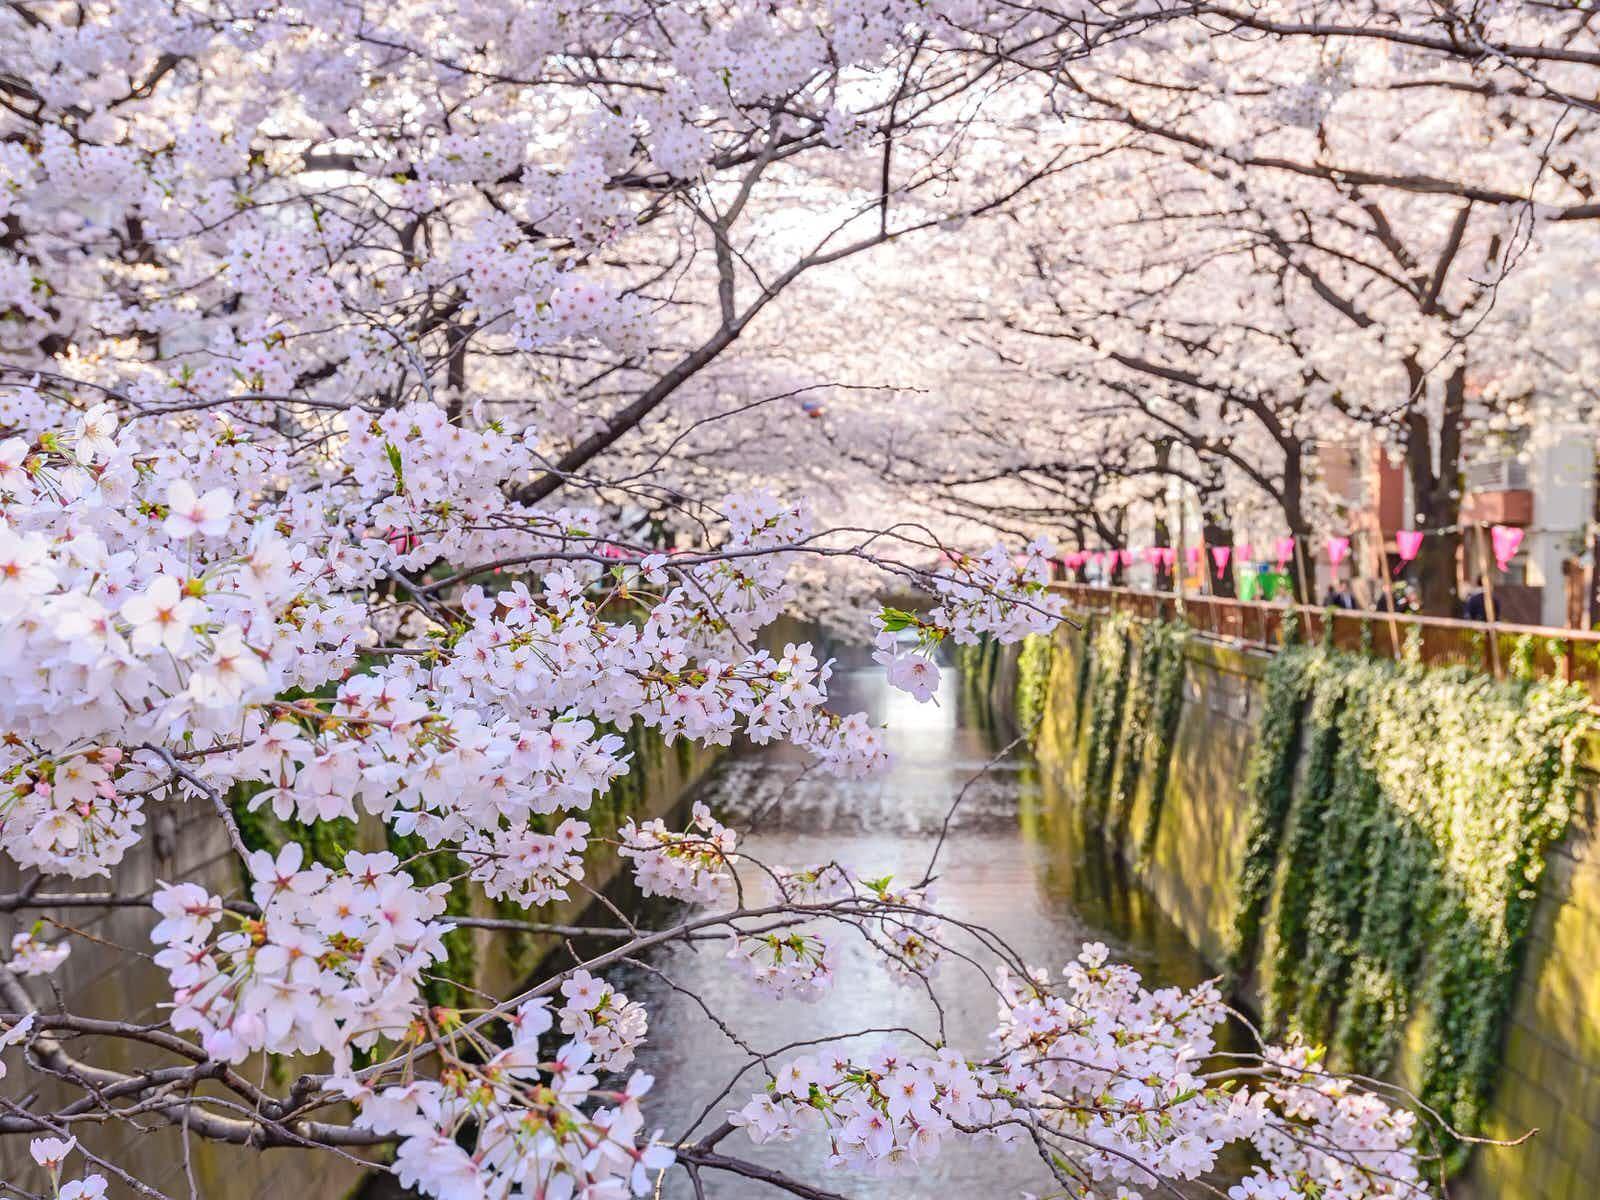 Mùa xuân cành hoa nở rất đẹp